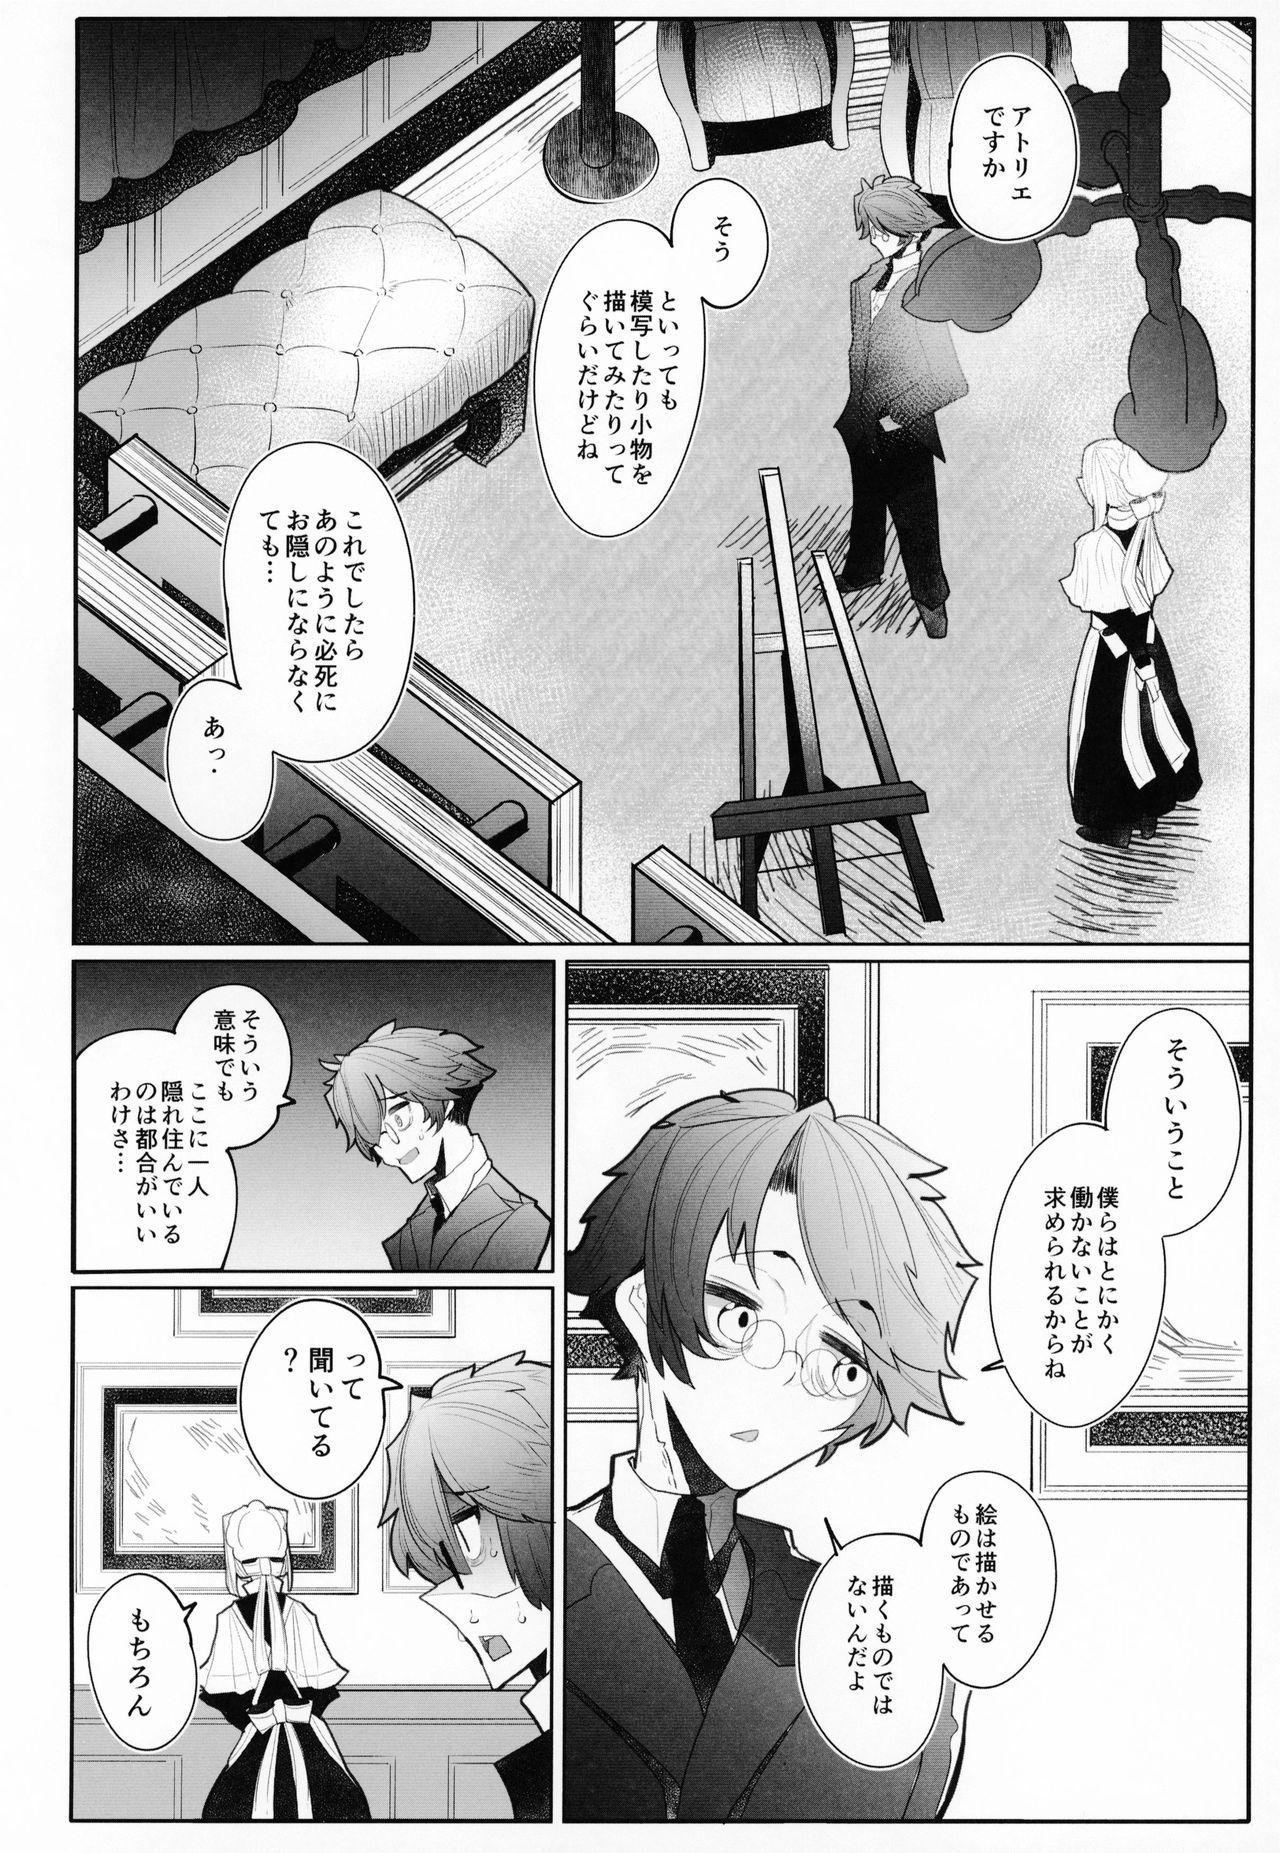 Shinshi Tsuki Maid no Sophie-san 3 12